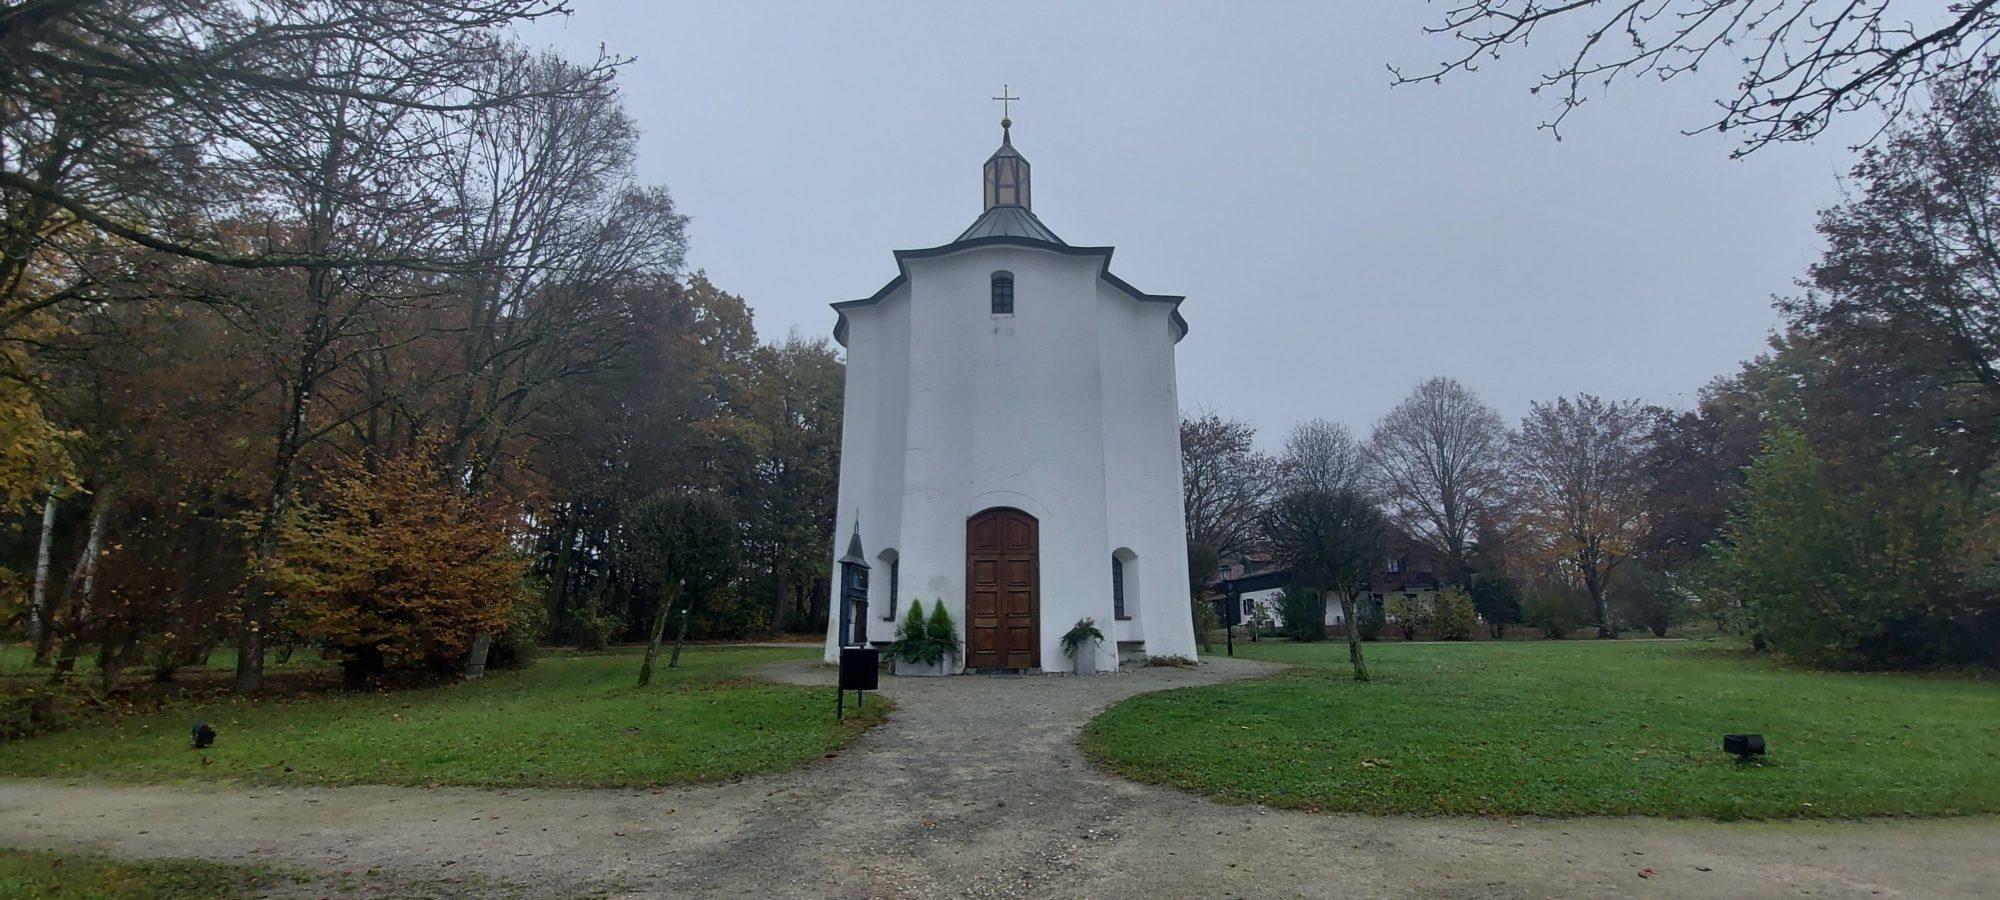 Ka St Stephan